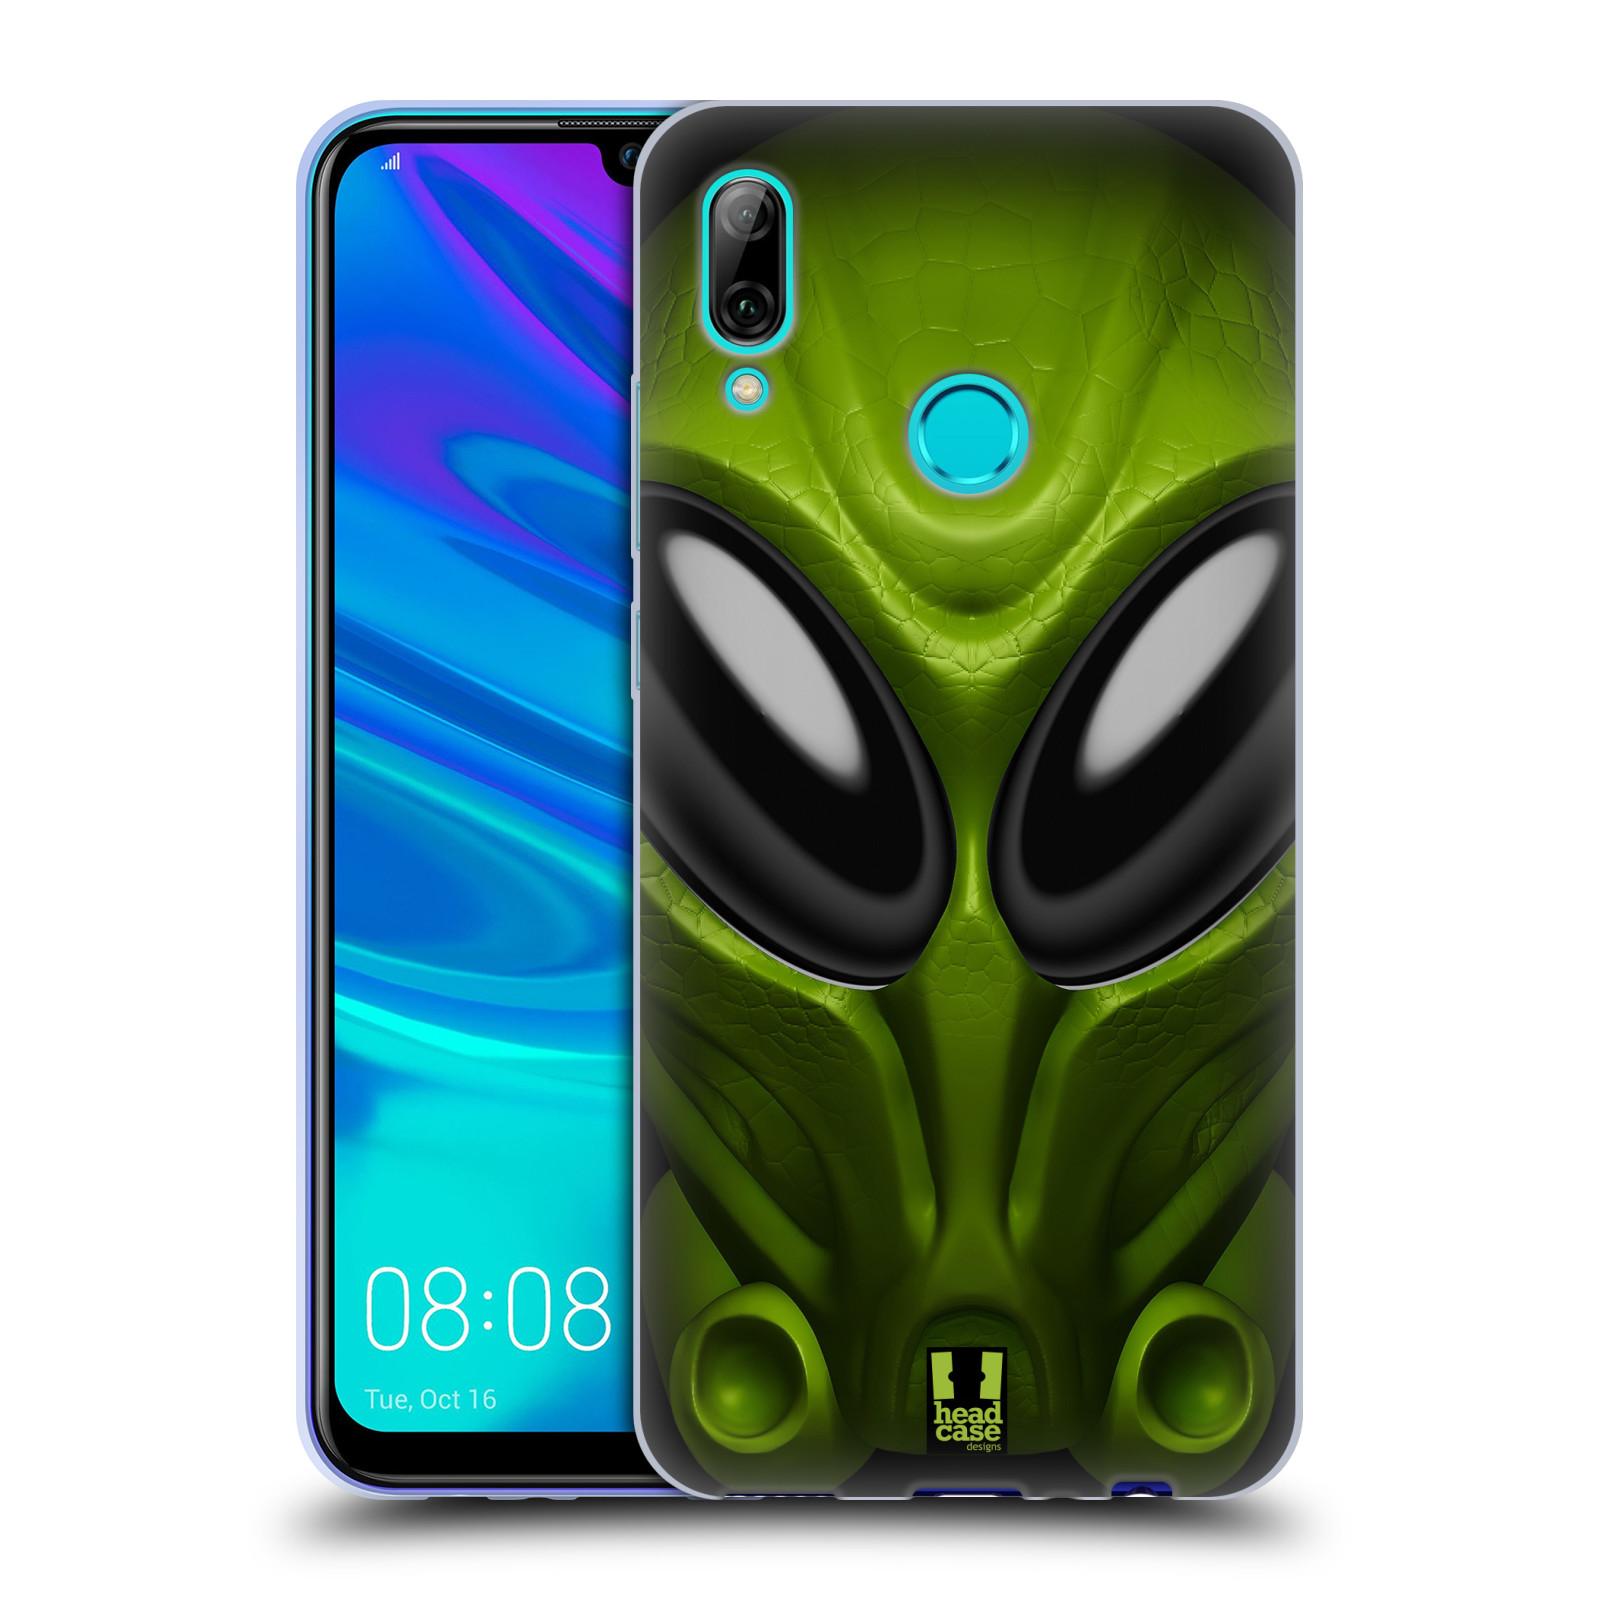 Silikonové pouzdro na mobil Huawei P Smart (2019) - Head Case - Ufoun Mastermind